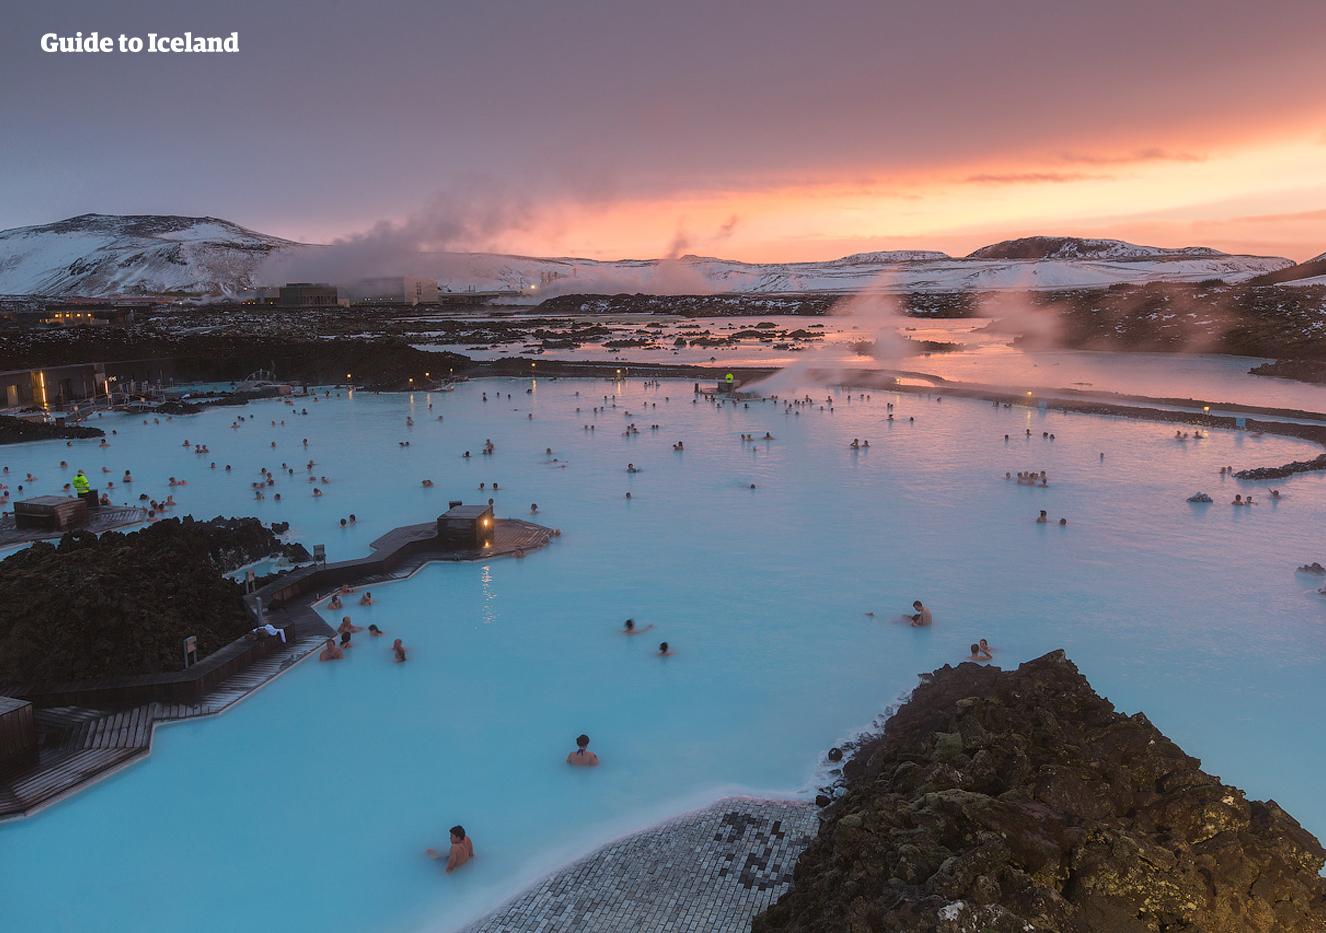 蓝湖温泉是冰岛最著名的旅游景点之一